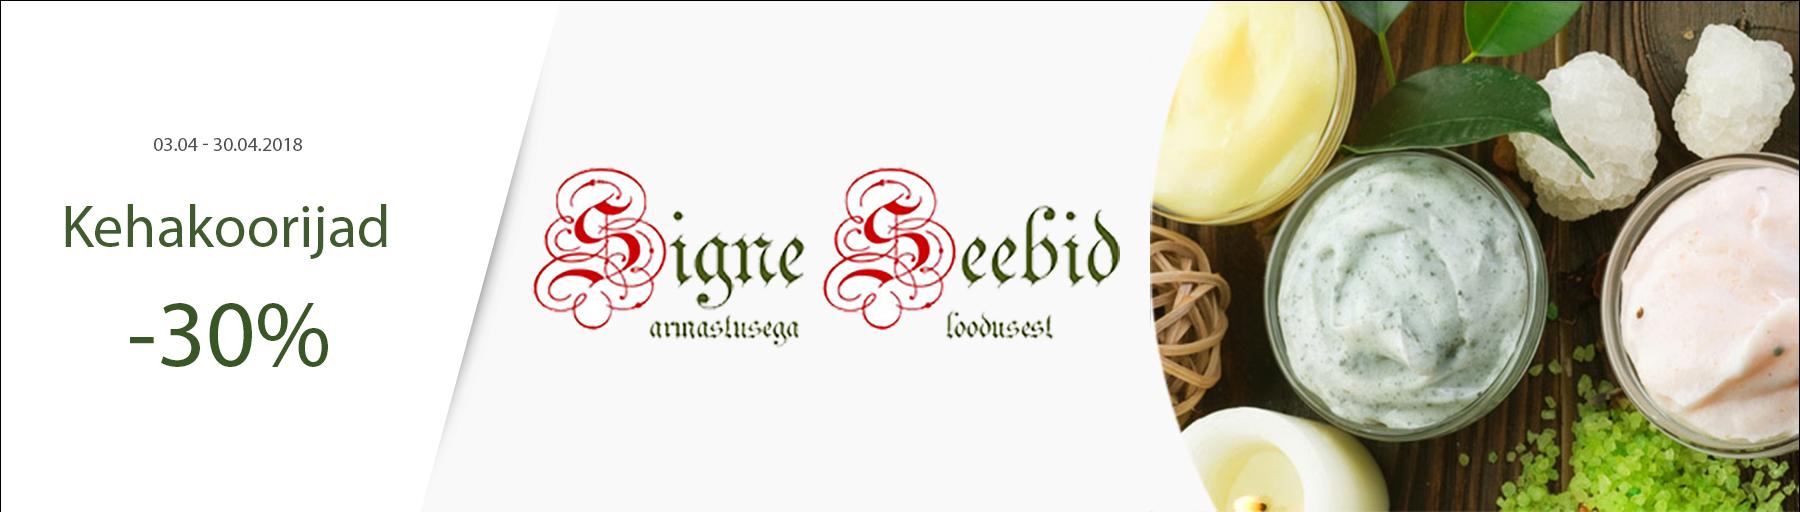 Signe Seebid kehakoorijad -30%